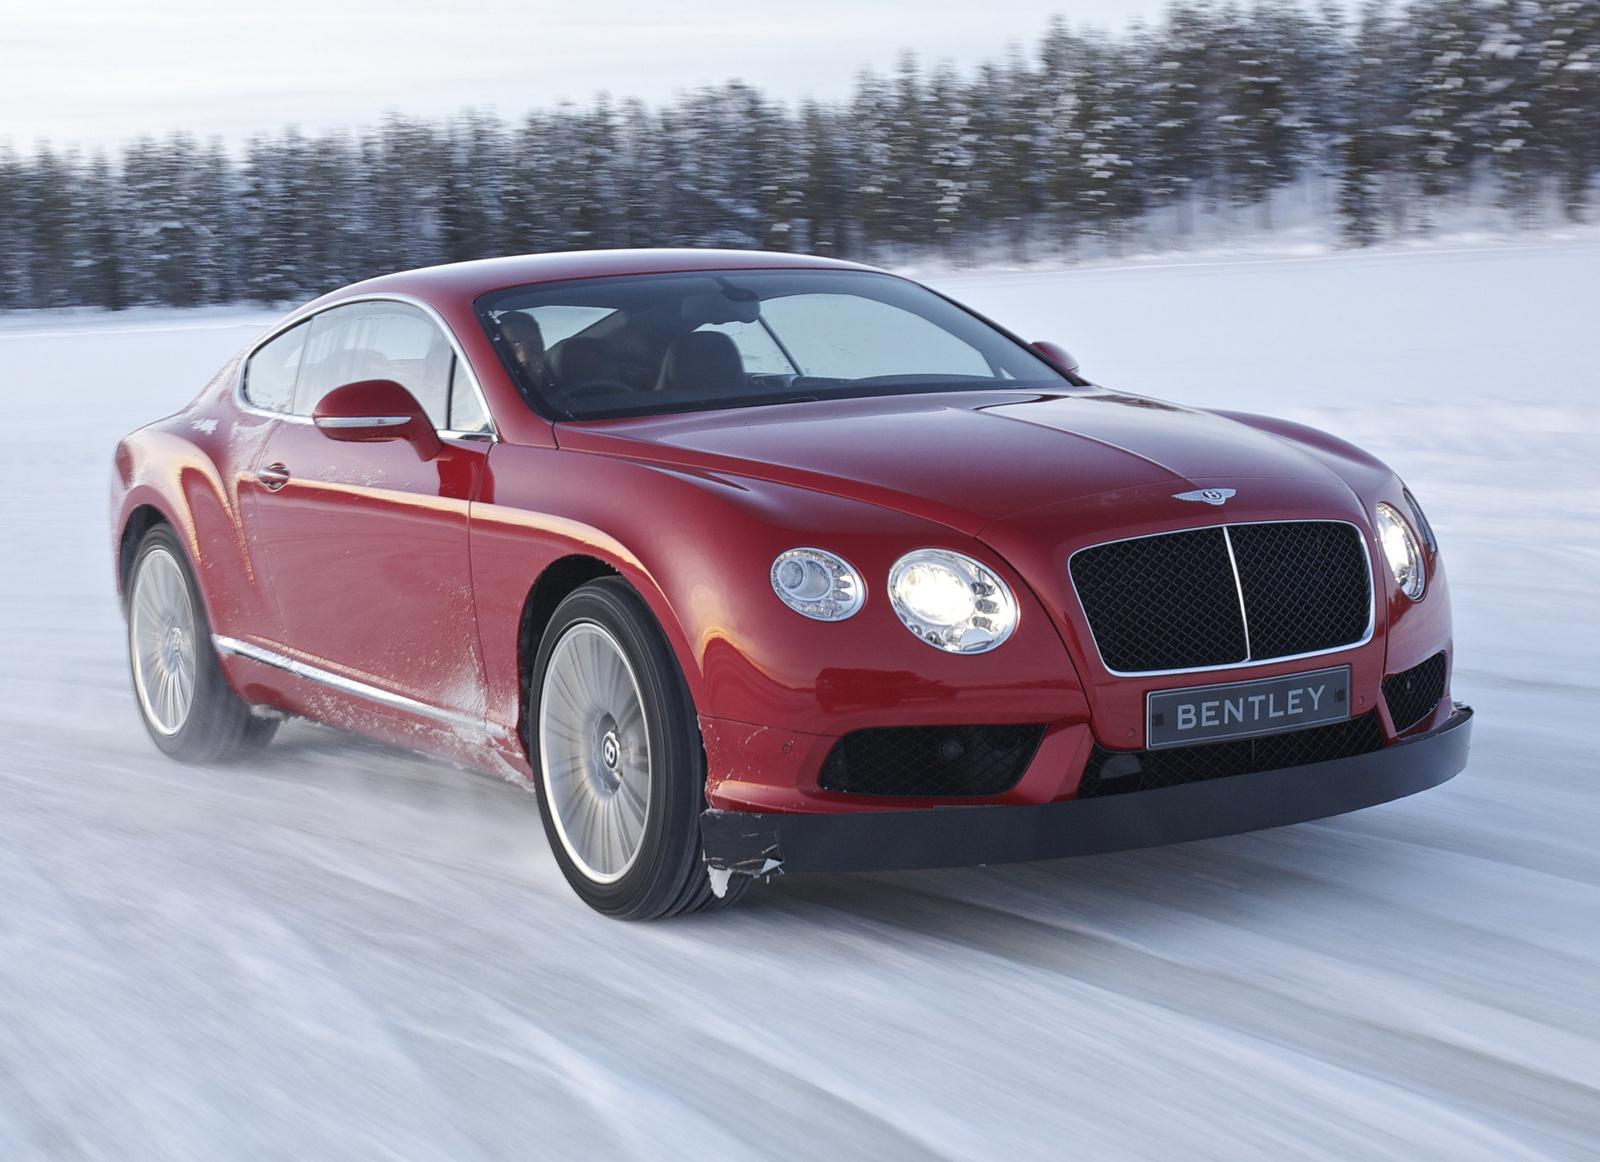 2014 Bentley Continental GT - Overview - CarGurus